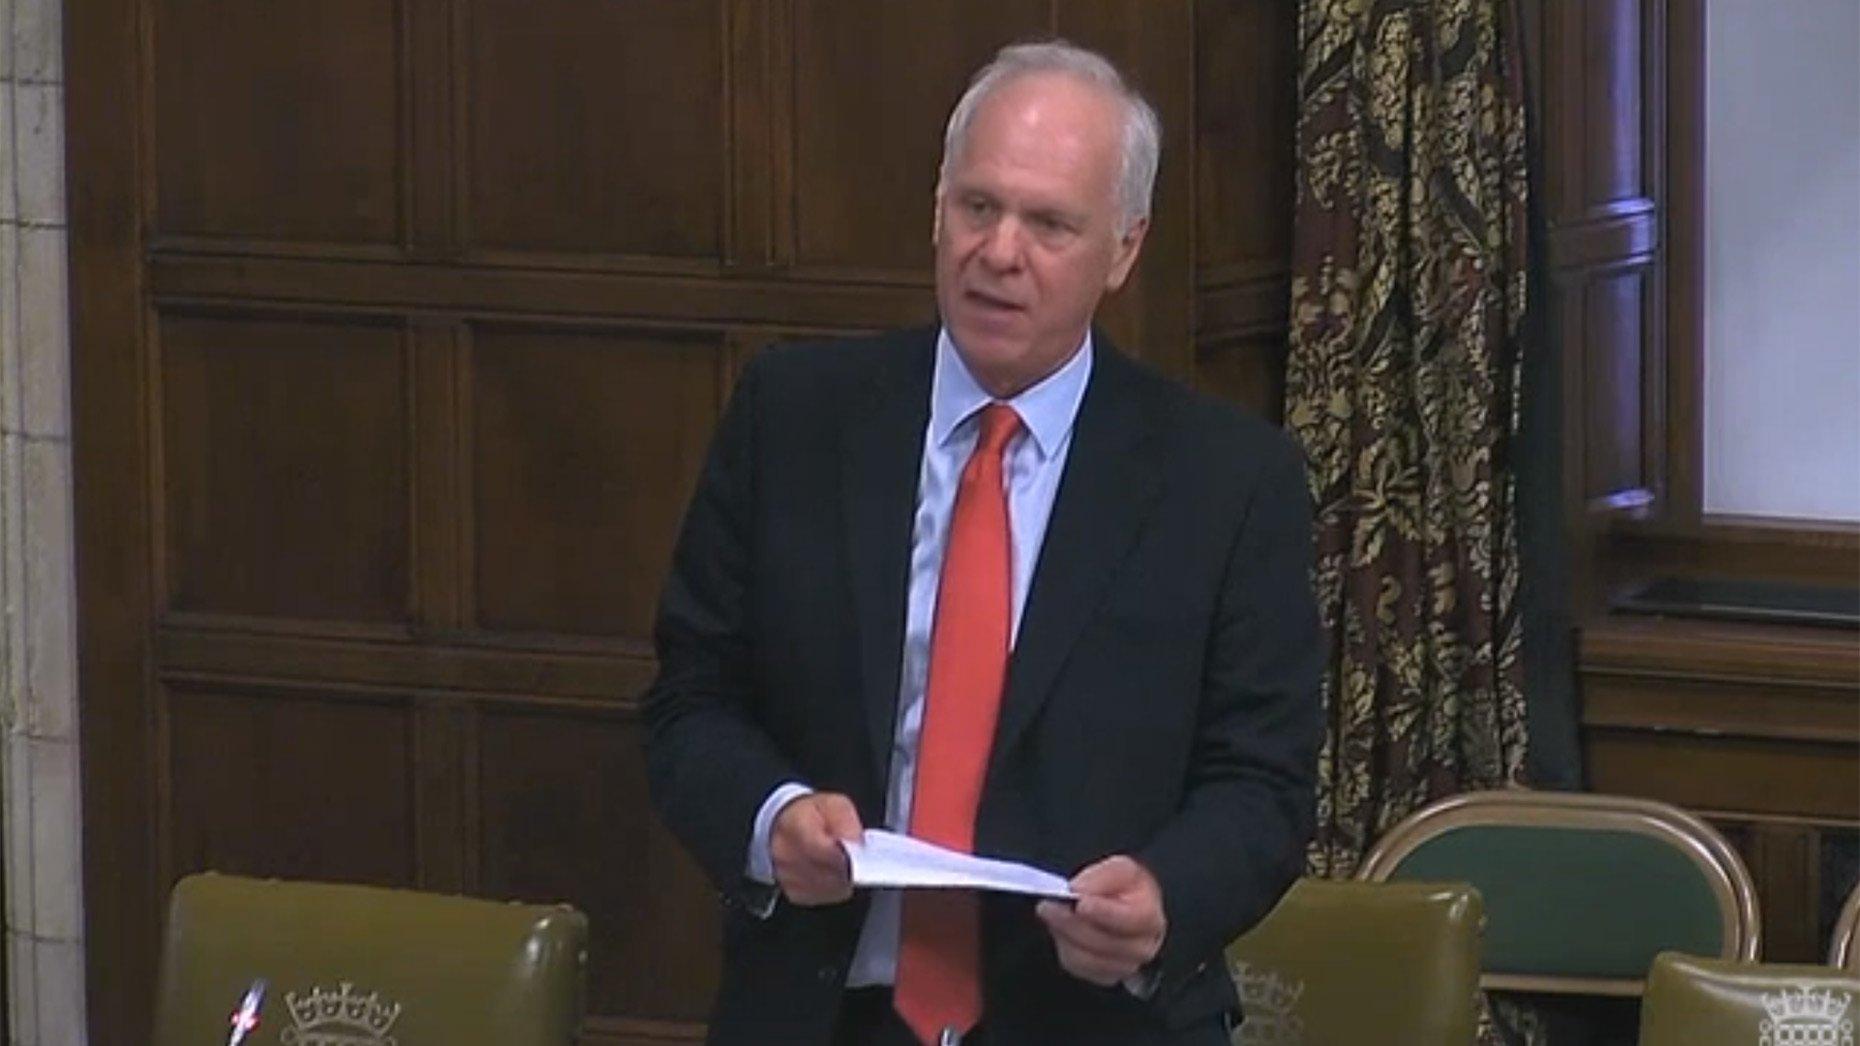 Scunthorpe MP Nic Dakin. Photo: Parliament TV